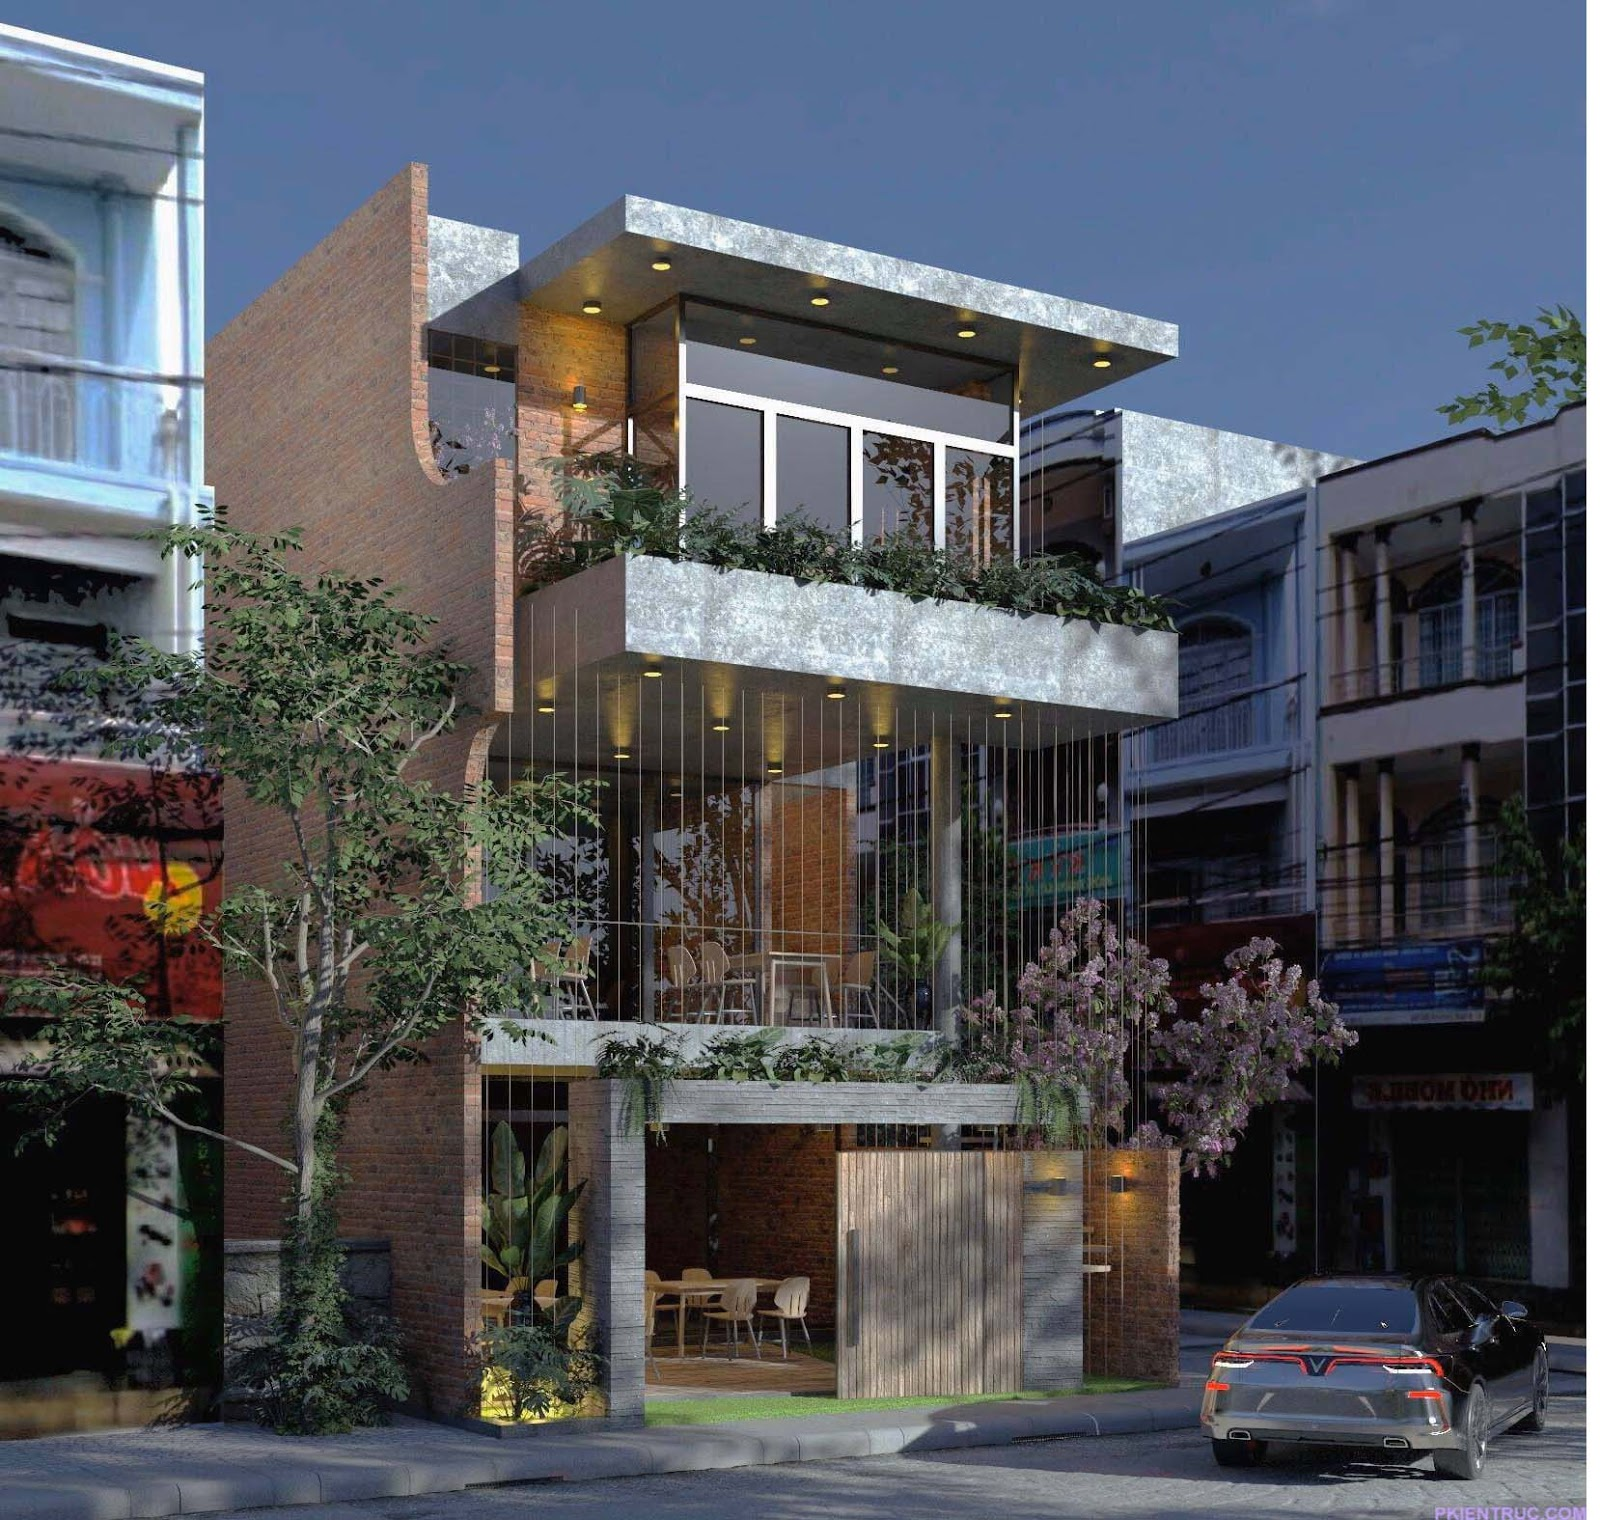 Phối cảnh chính thiết kế nhà phố phong cách thô mộc